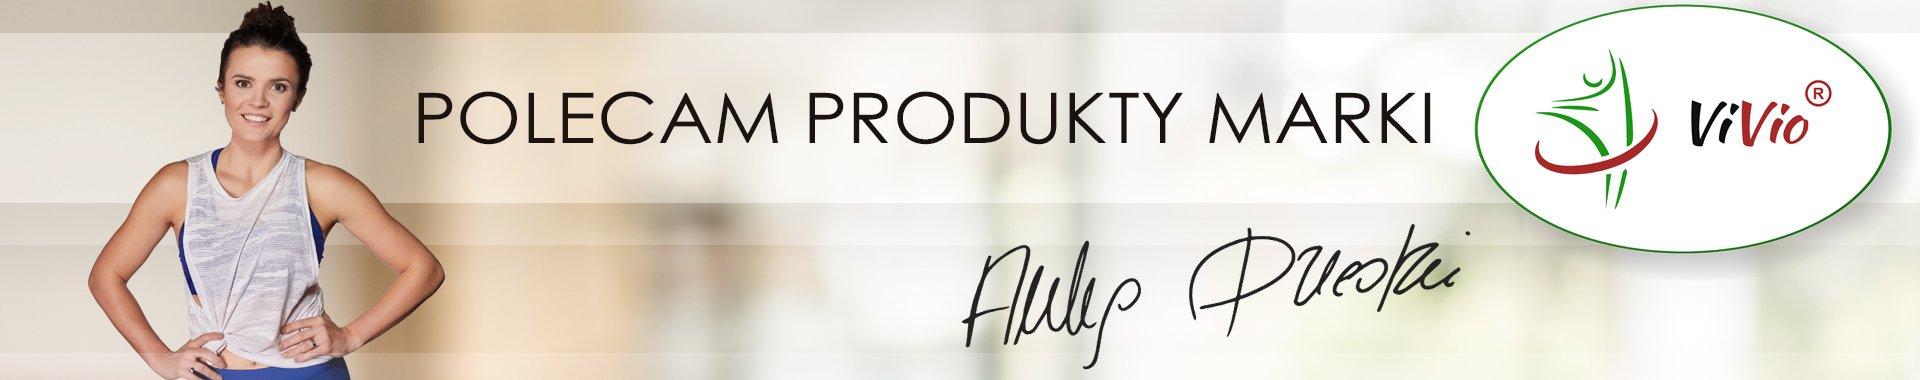 Anka Dziedzic poleca produkty marki VIVIO